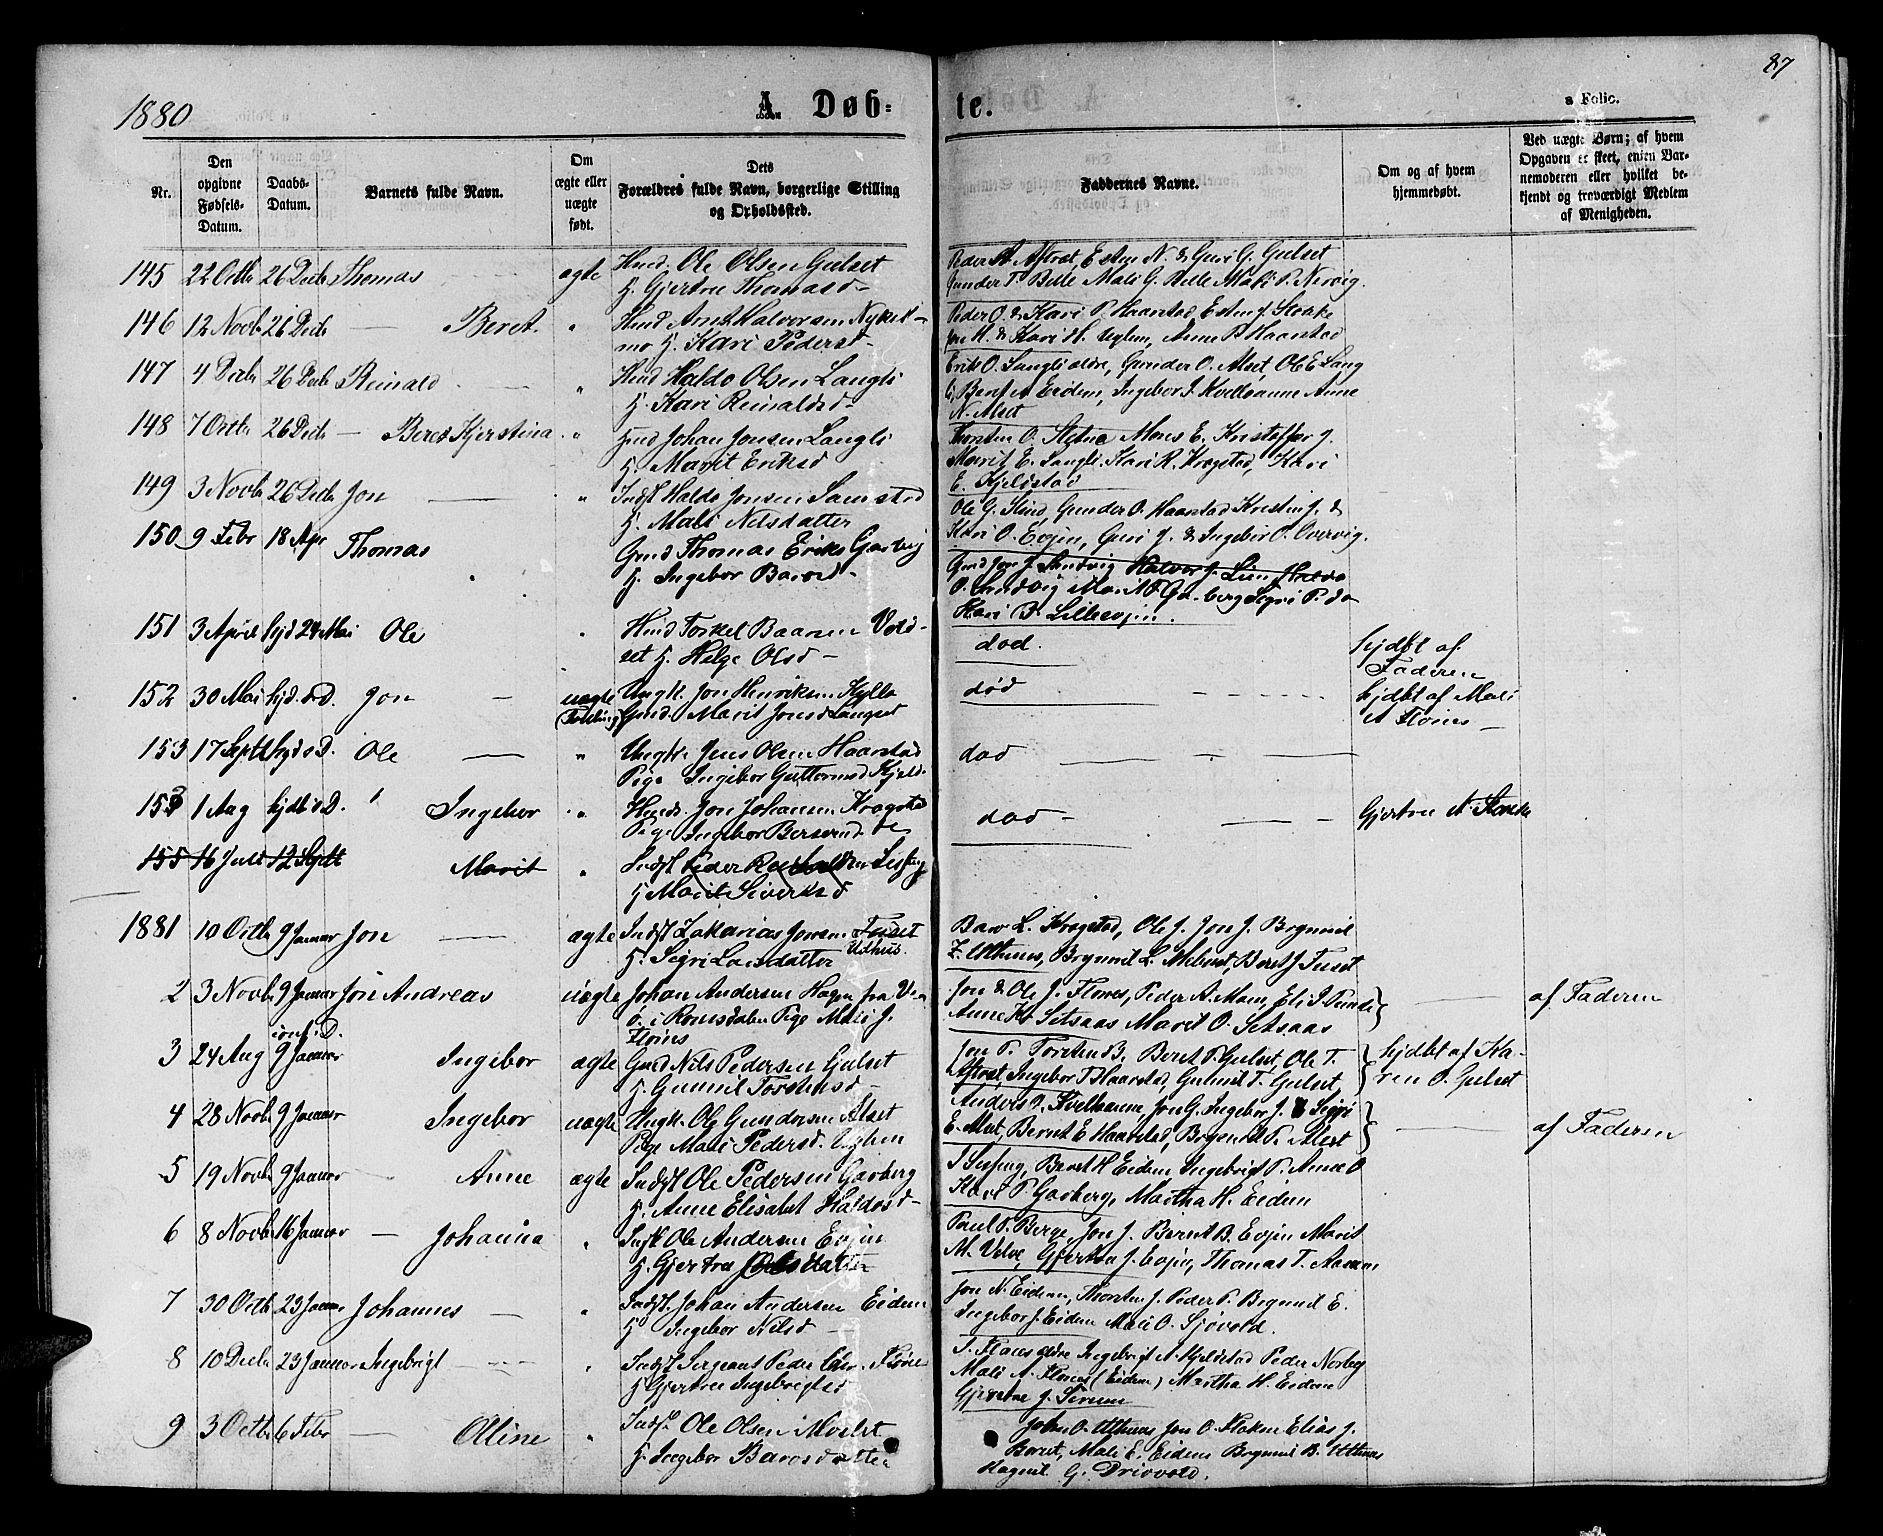 SAT, Ministerialprotokoller, klokkerbøker og fødselsregistre - Sør-Trøndelag, 695/L1156: Klokkerbok nr. 695C07, 1869-1888, s. 87